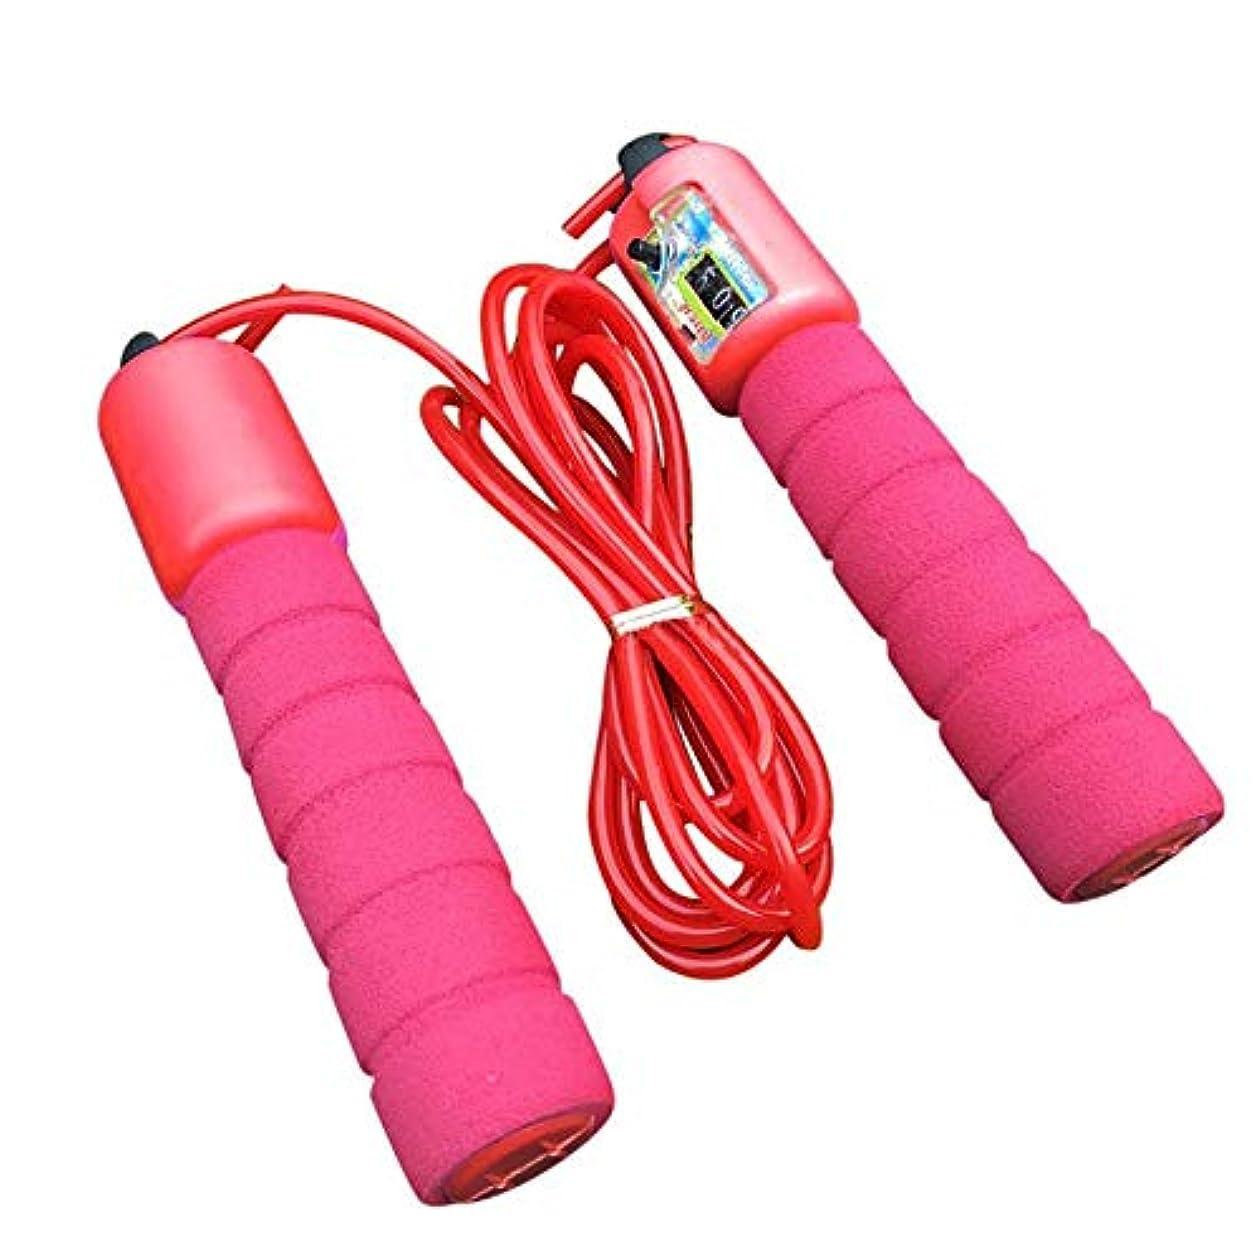 郵便屋さんテキスト代理店調整可能なプロフェッショナルカウントスキップロープ自動カウントジャンプロープフィットネス運動高速カウントカウントジャンプロープ-赤